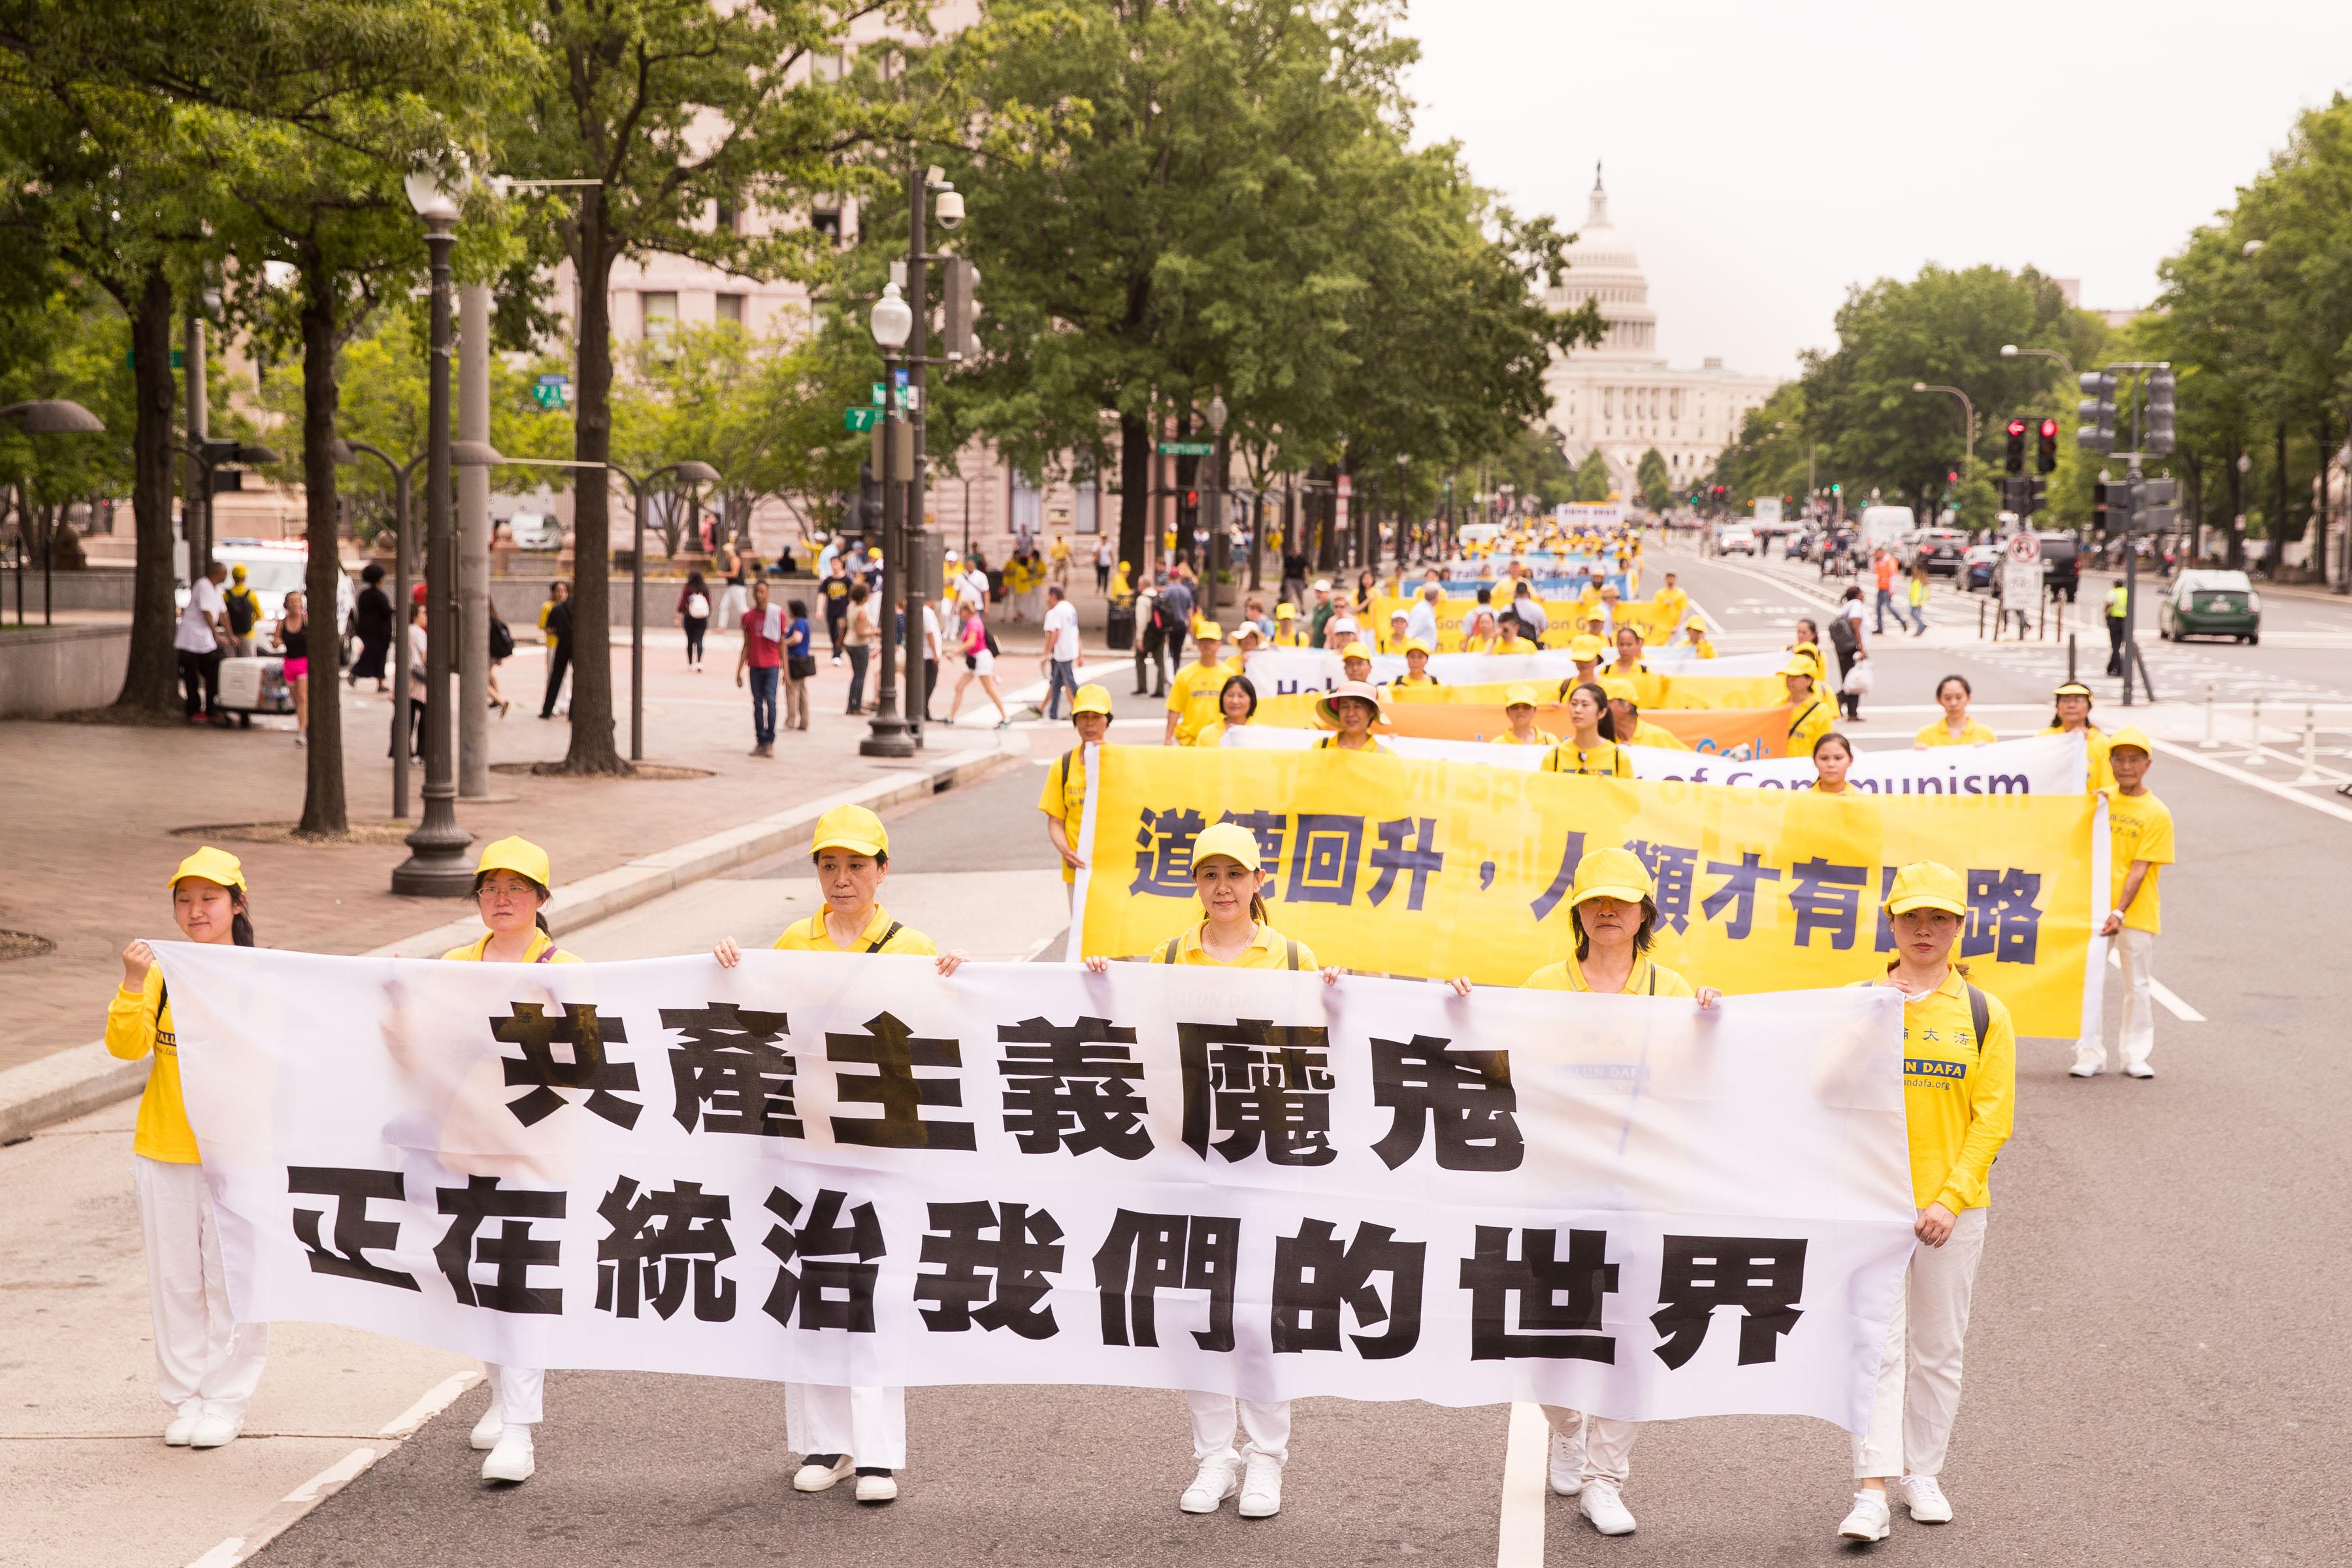 2018年6月20日,部份法輪功學員美國首都華盛頓舉行反迫害大遊行。橫幅展示「共產主義魔鬼正在統治我們的世界」。(戴兵/大紀元)